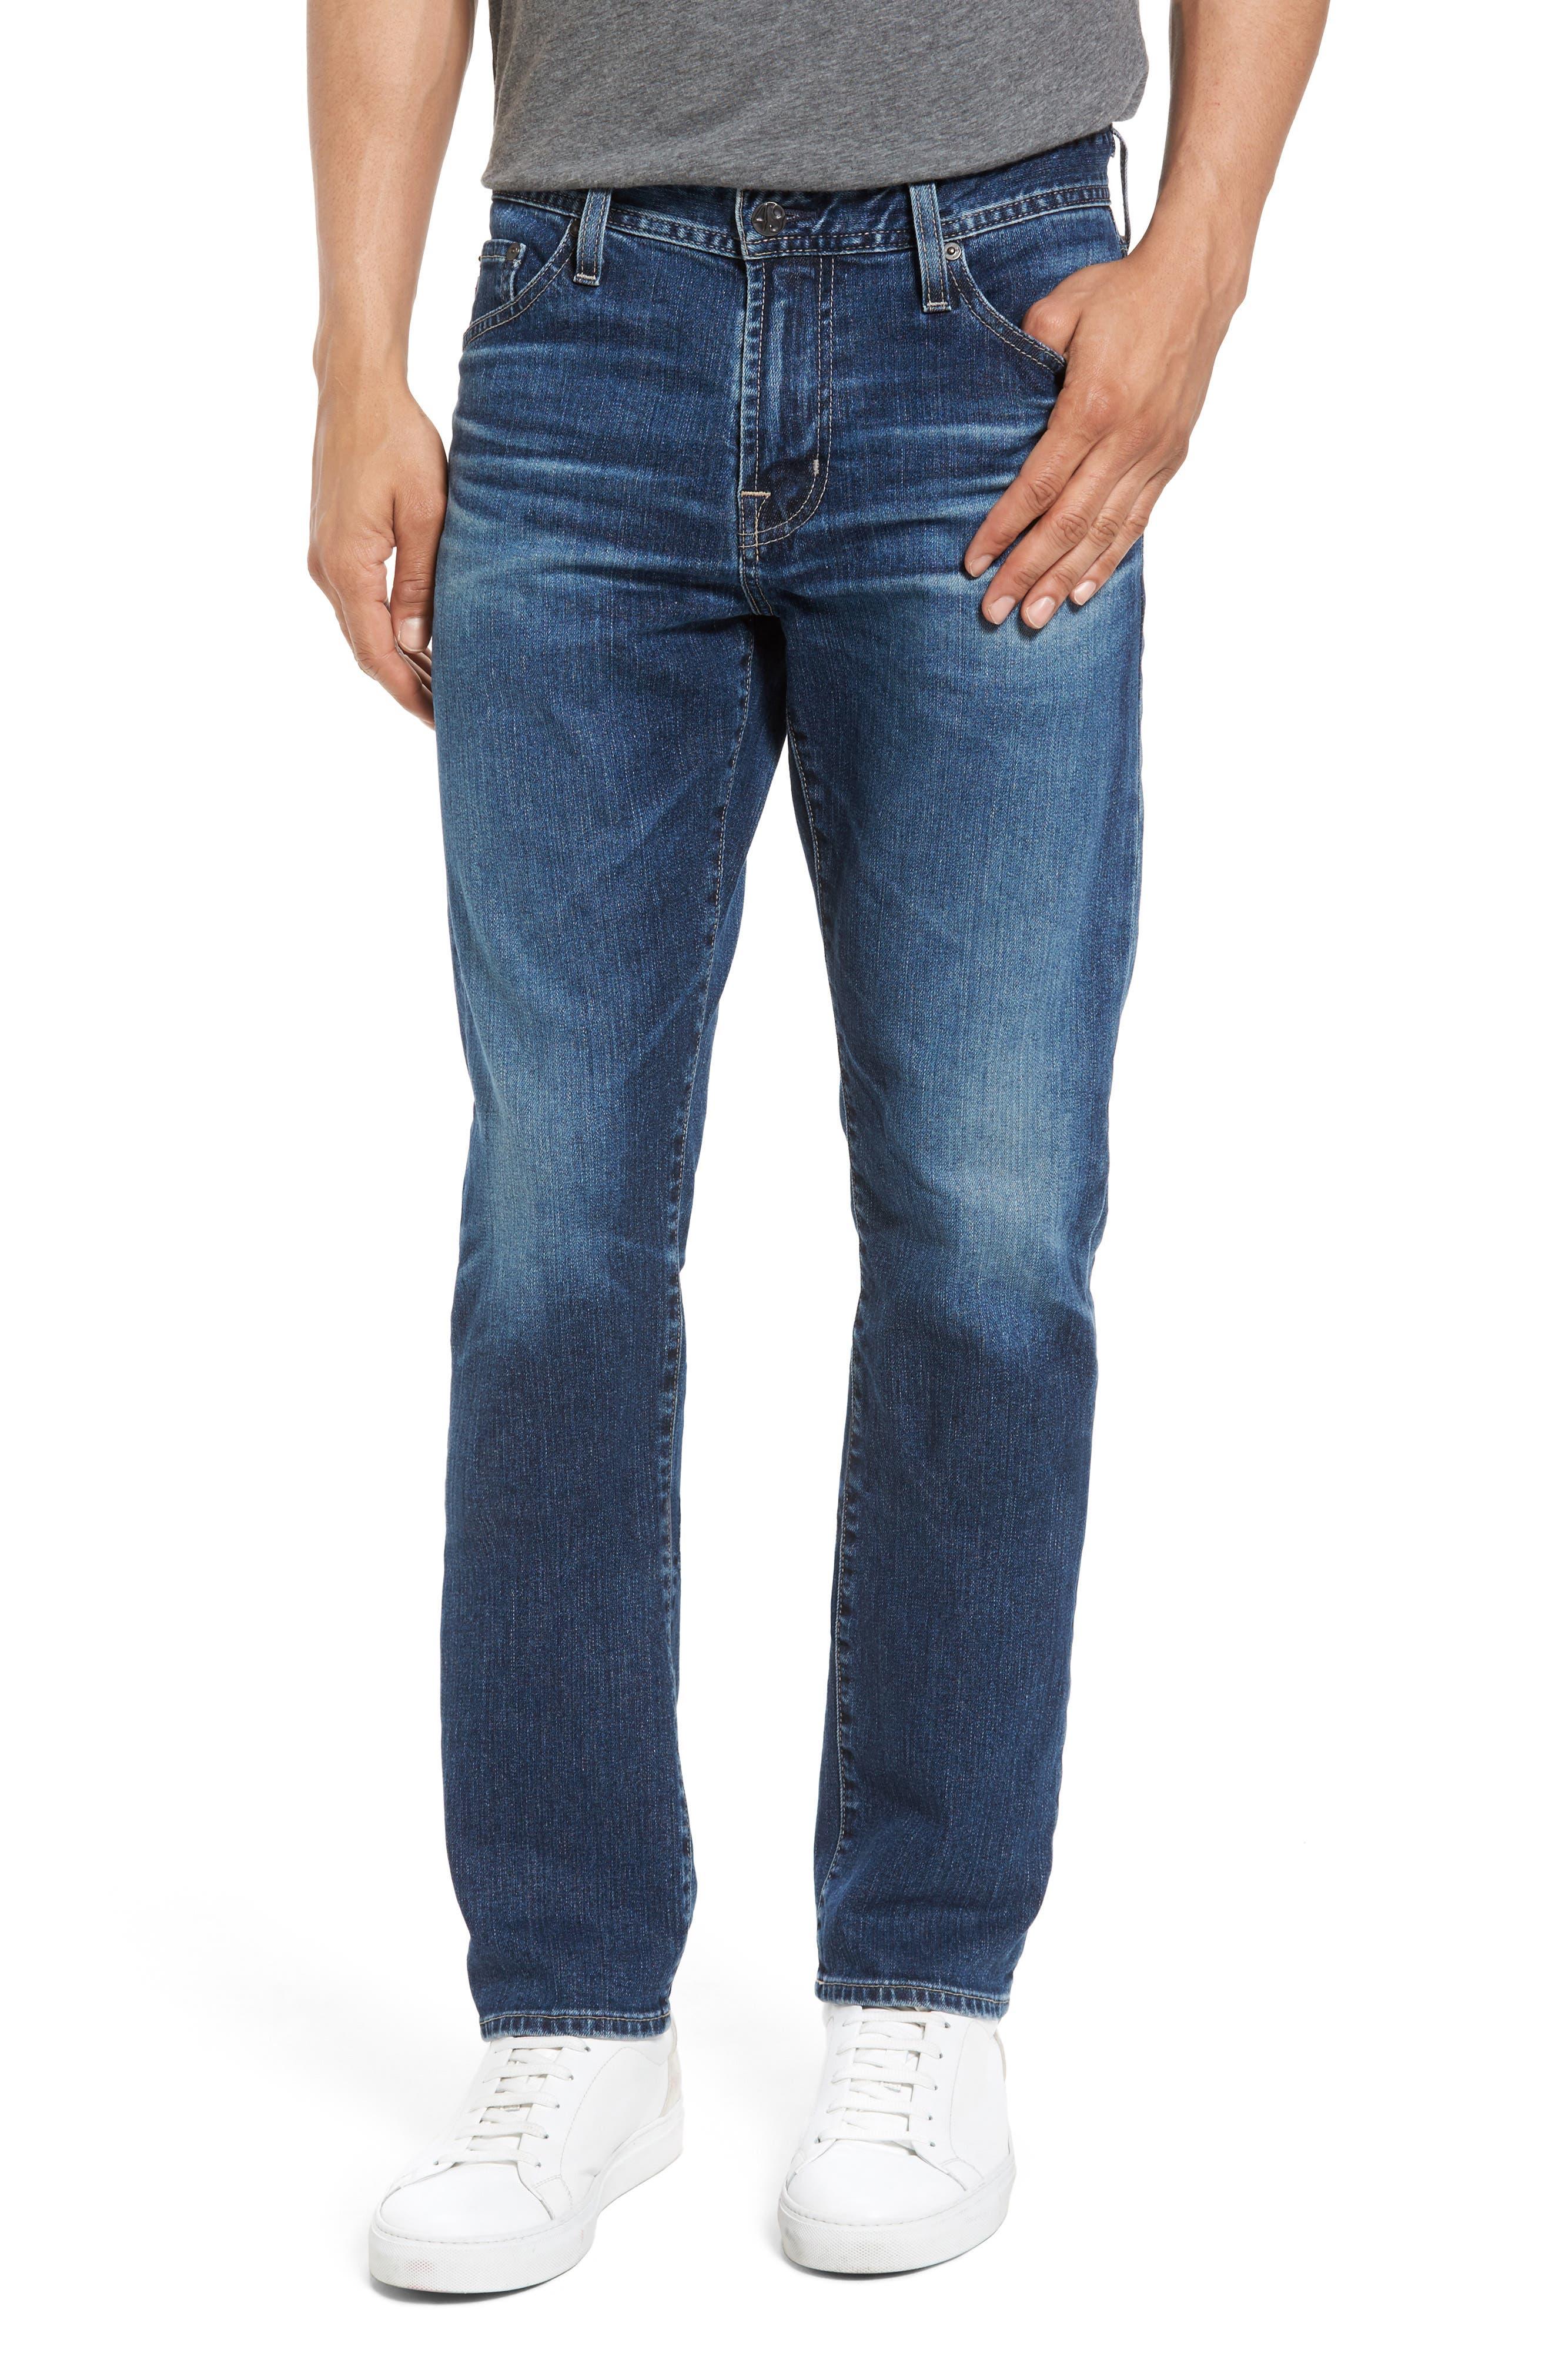 Alternate Image 1 Selected - AG Everett Slim Straight Leg Jeans (13 Years Stasis)